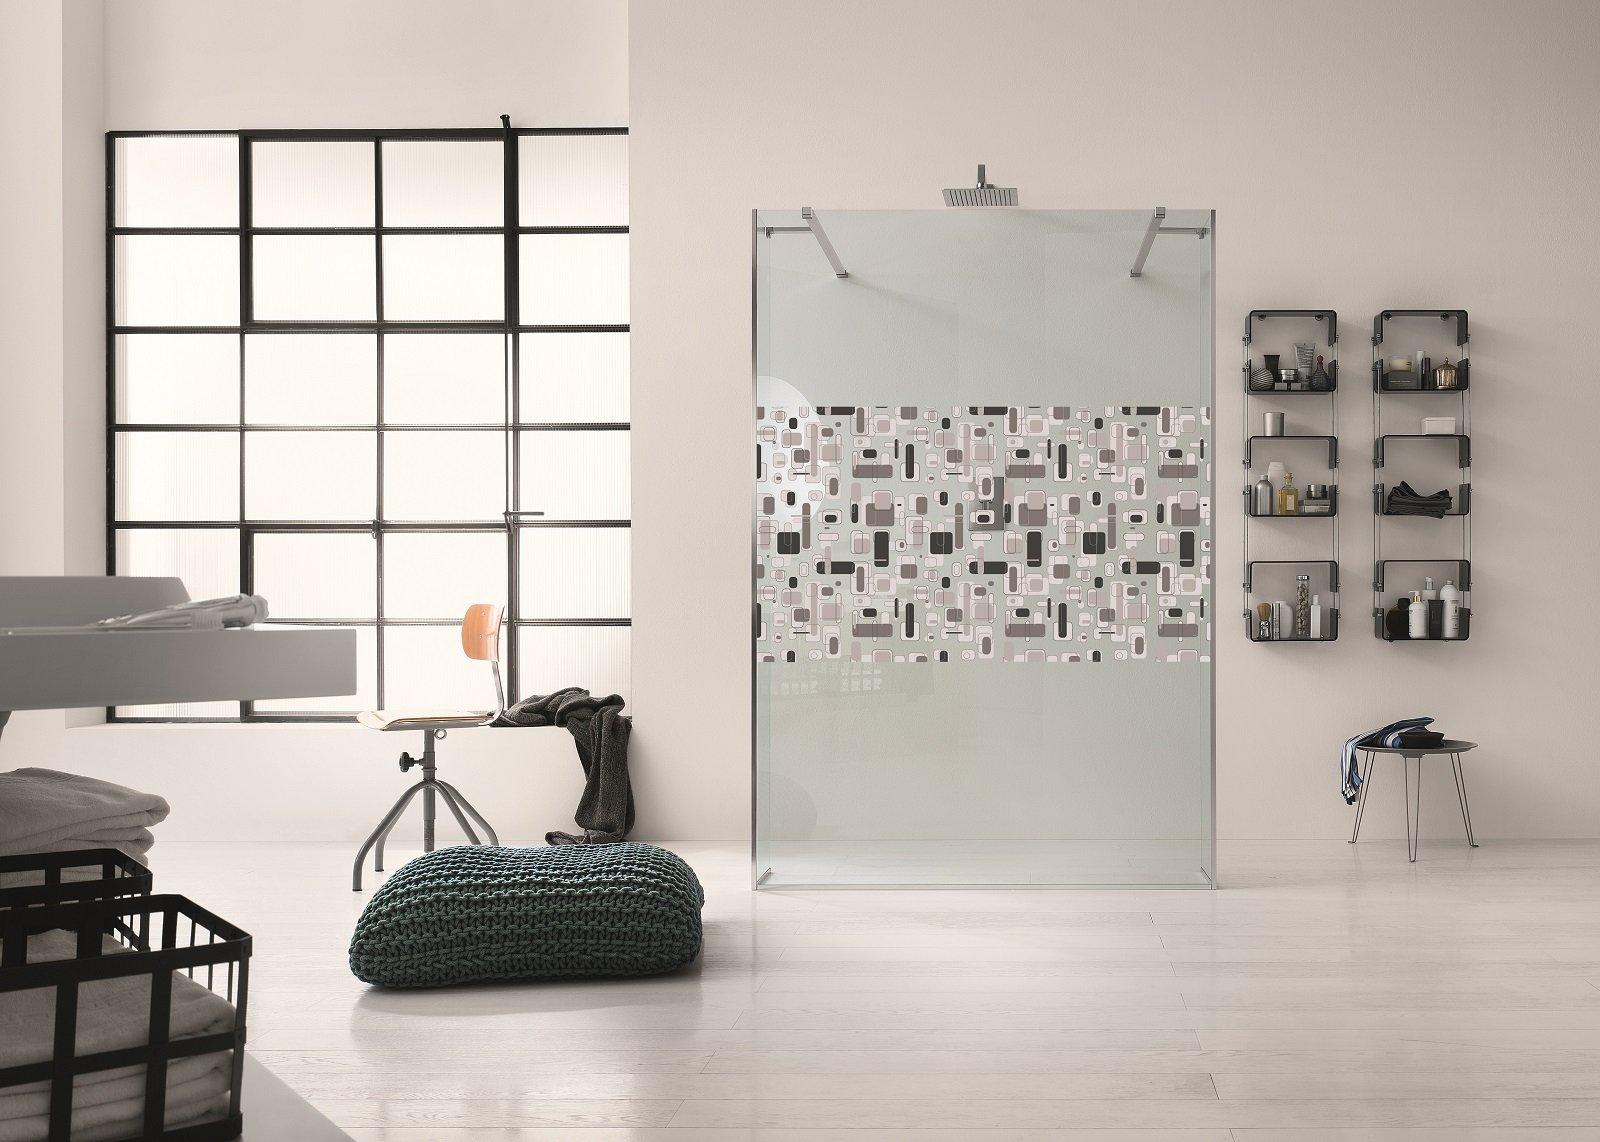 Rinnovare il bagno con modelli a prezzi convenienti.